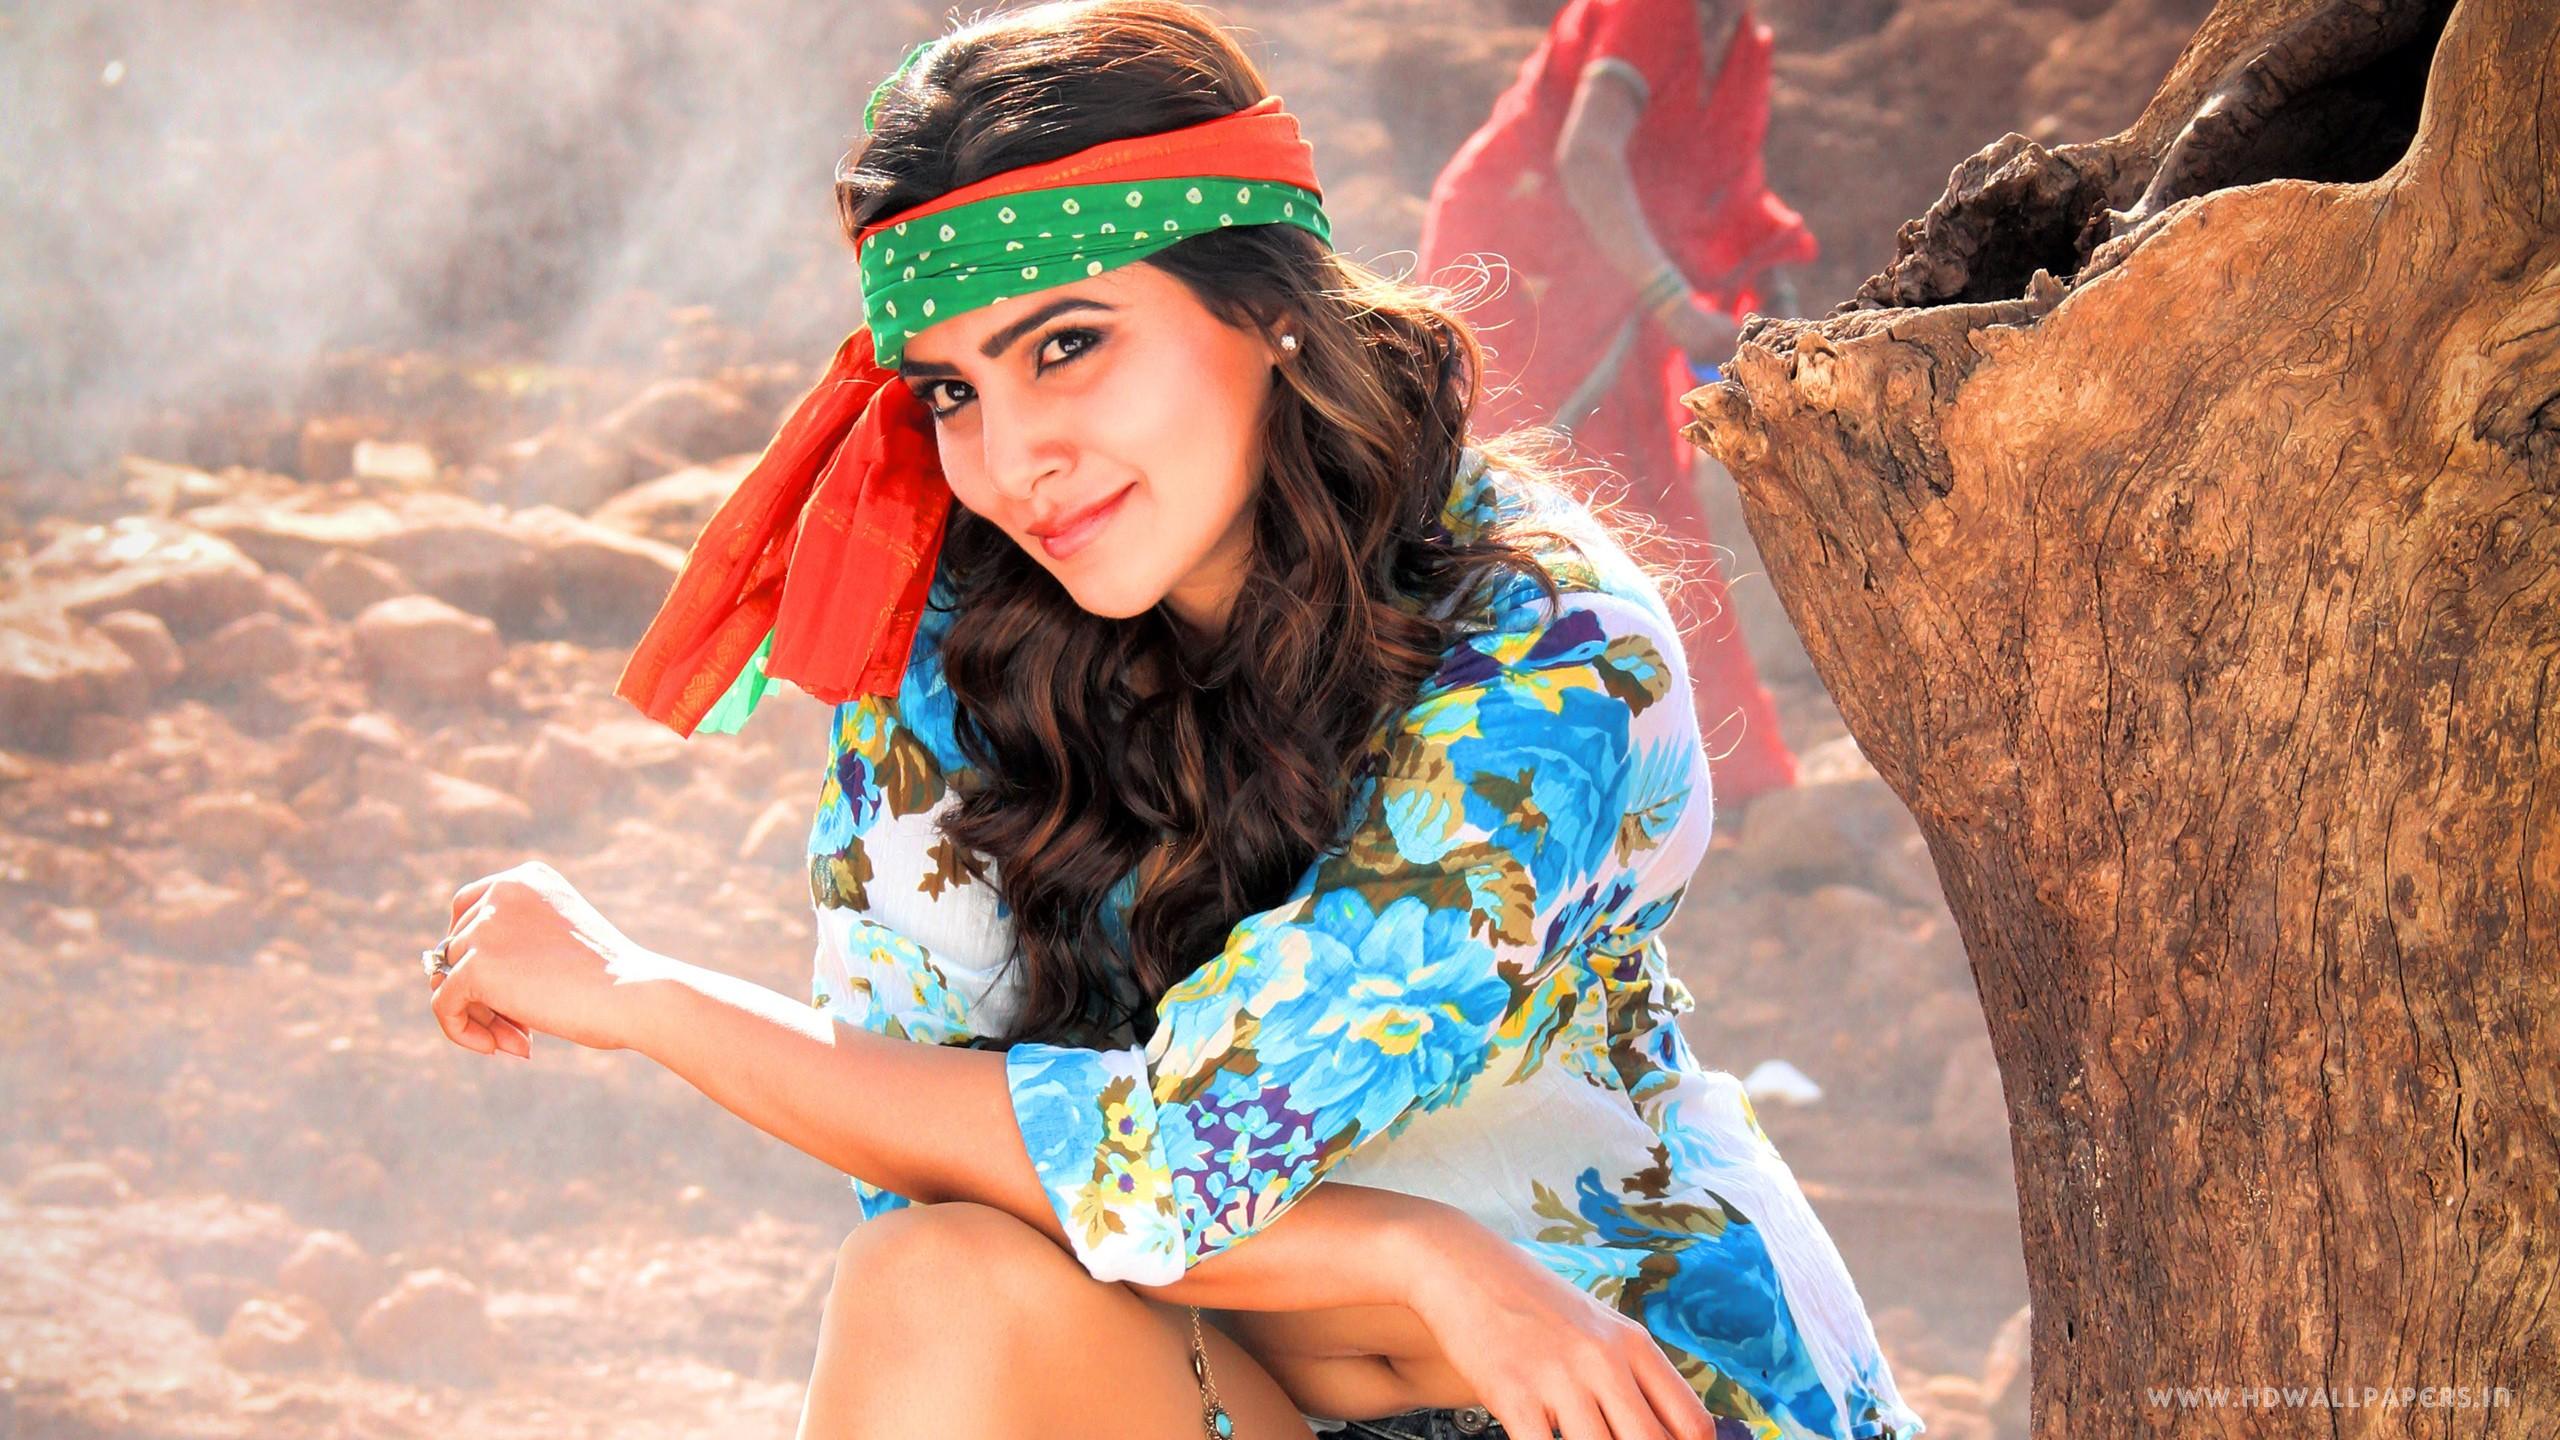 Samantha Ruth Prabhu 3d Wallpaper Samantha Anjaan Sikandar Wallpapers Hd Wallpapers Id